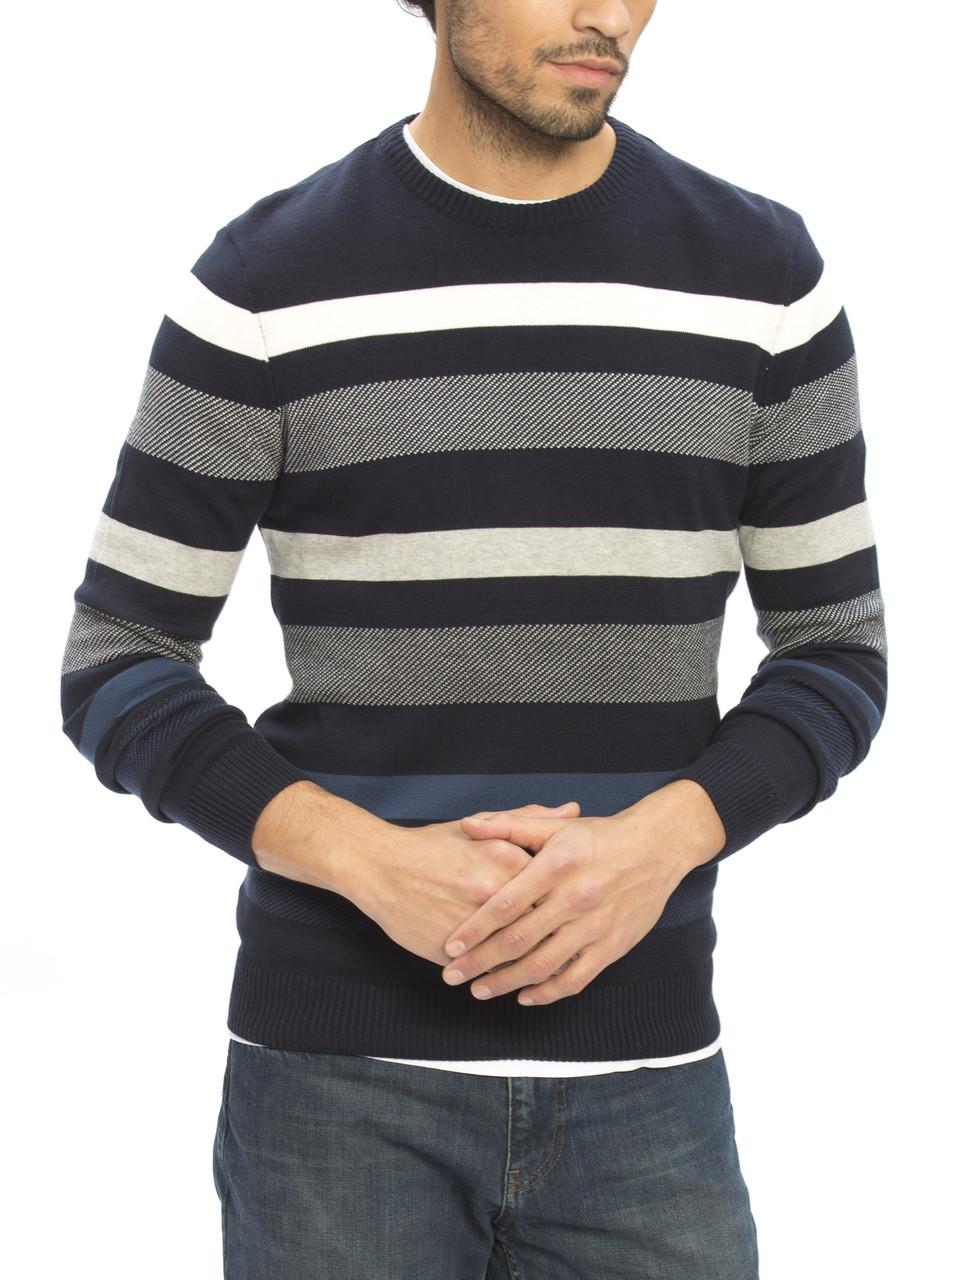 Синий мужской свитер LC Waikiki / ЛС Вайкики в серо-белую полоску